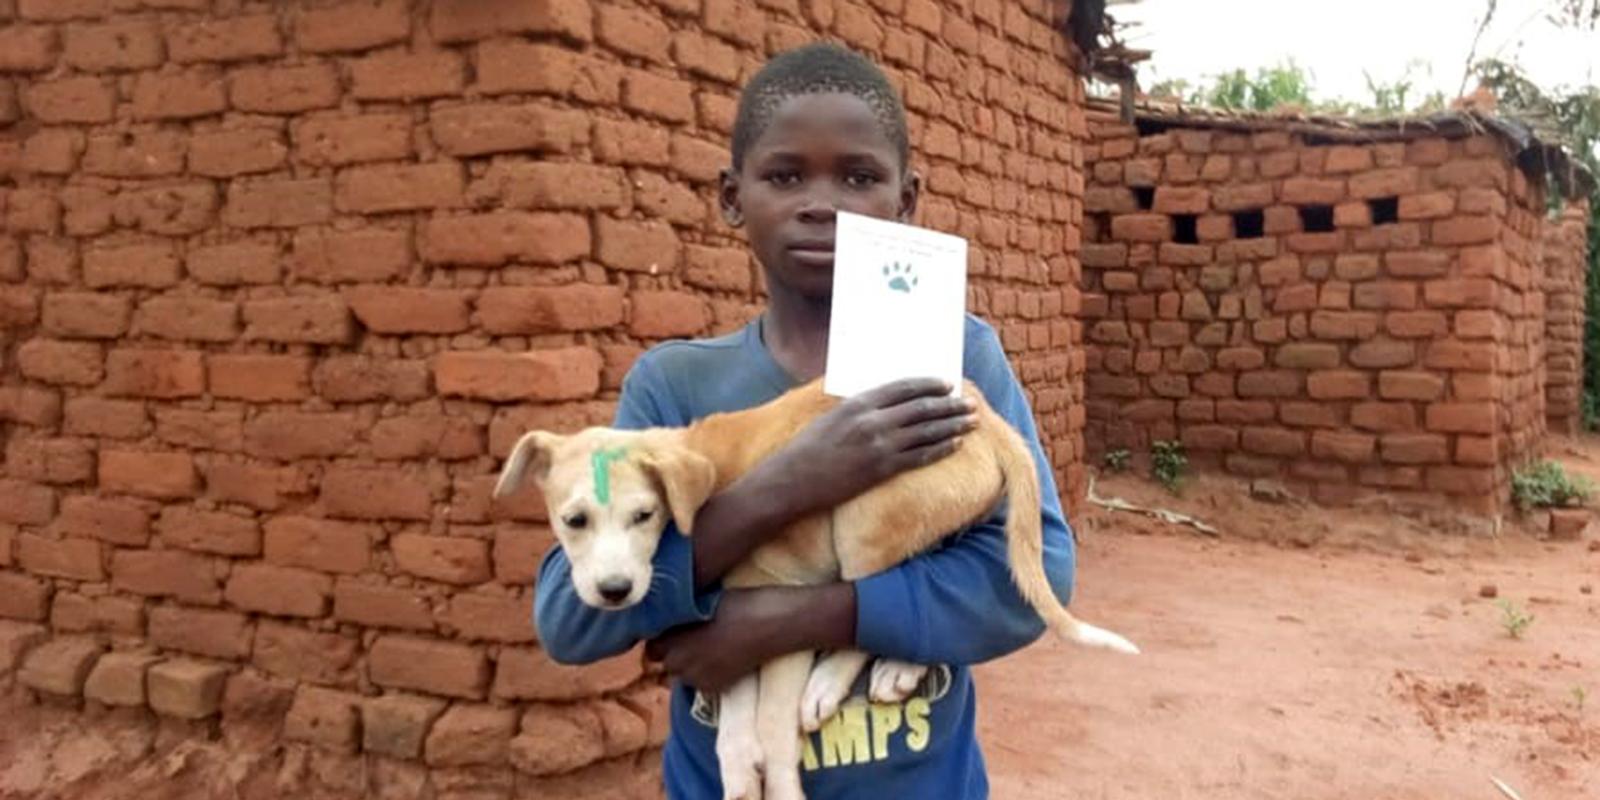 Insbesondere Kinder kümmern sich um die Tiere. Auch für sie stellt Tollwut eine Gefahr dar.